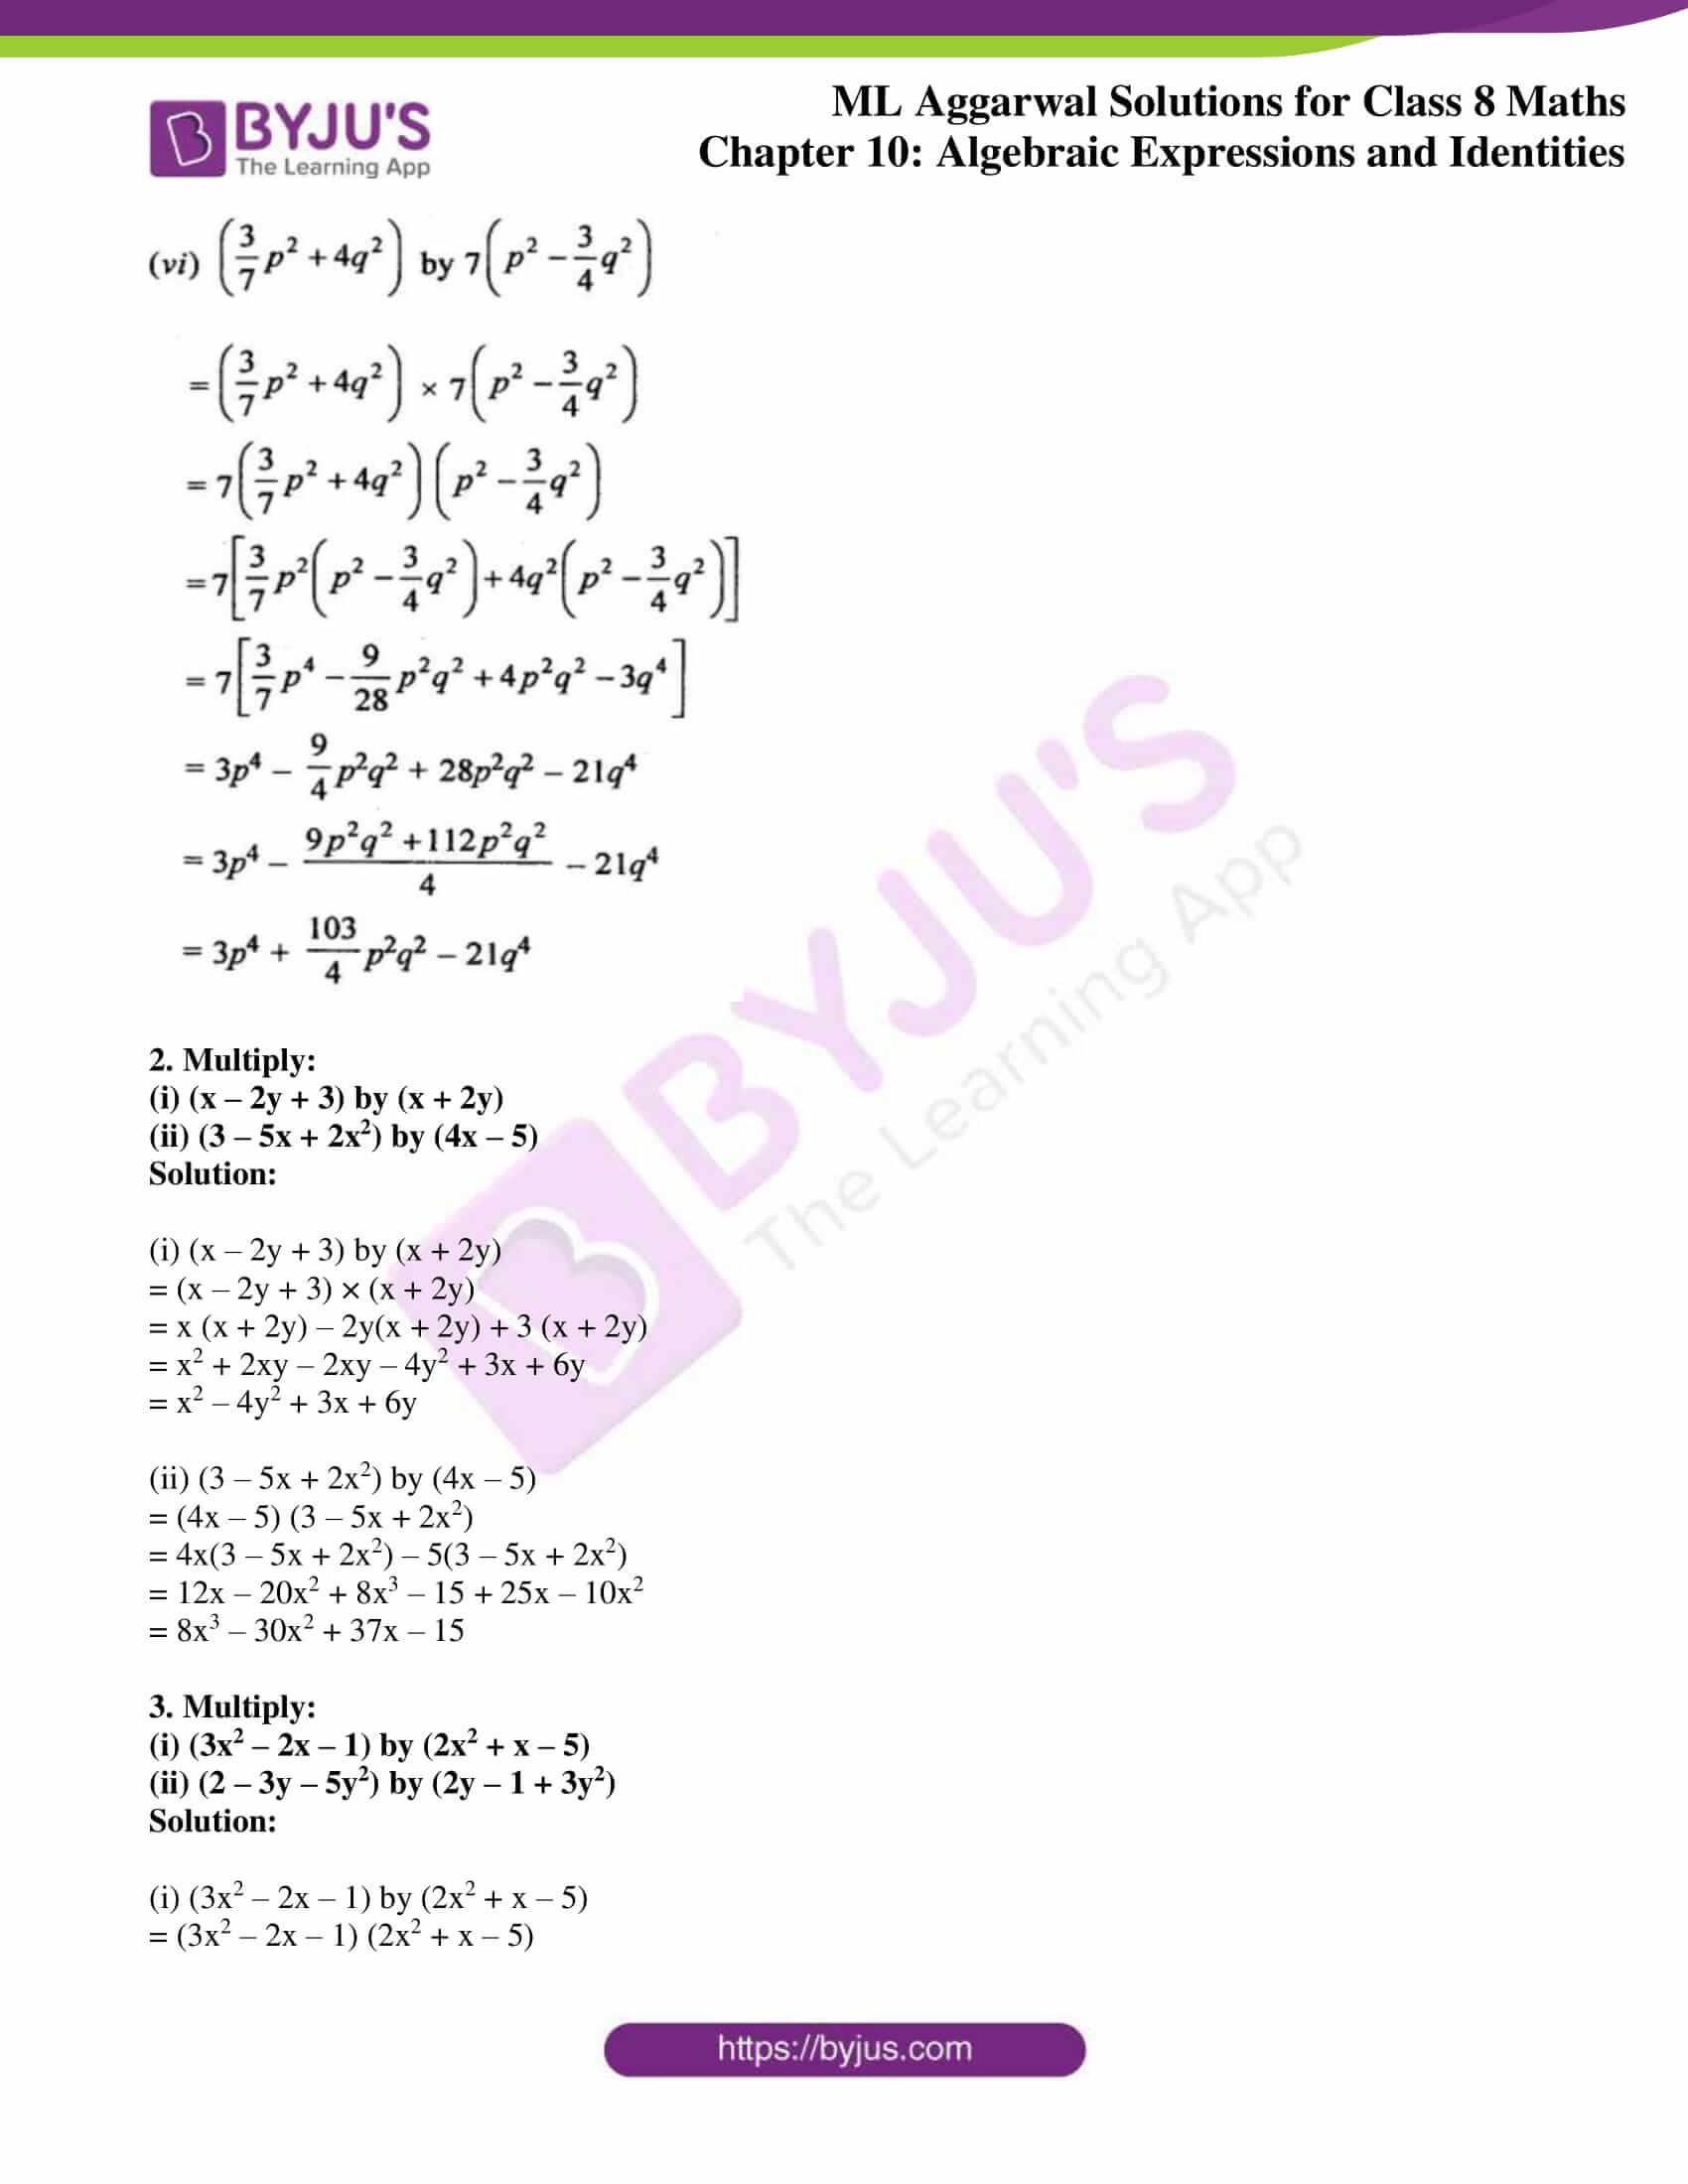 ml aggarwal sol mathematics class 8 ch 10 10